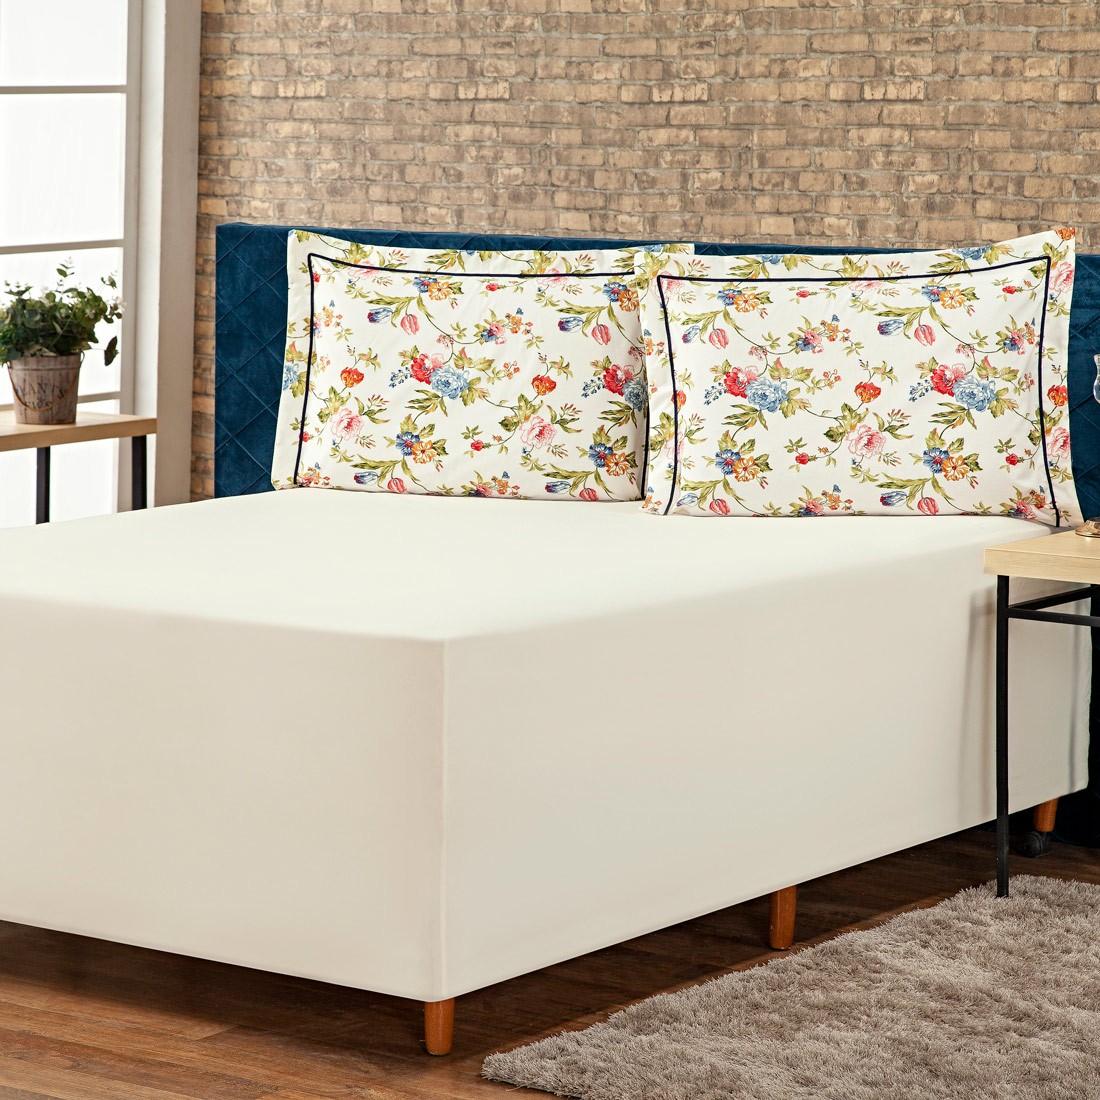 Jogo de Lençol p/ Cama Box Complet Floral Palha/Azul King 03 Peças - Percal 140 Fios